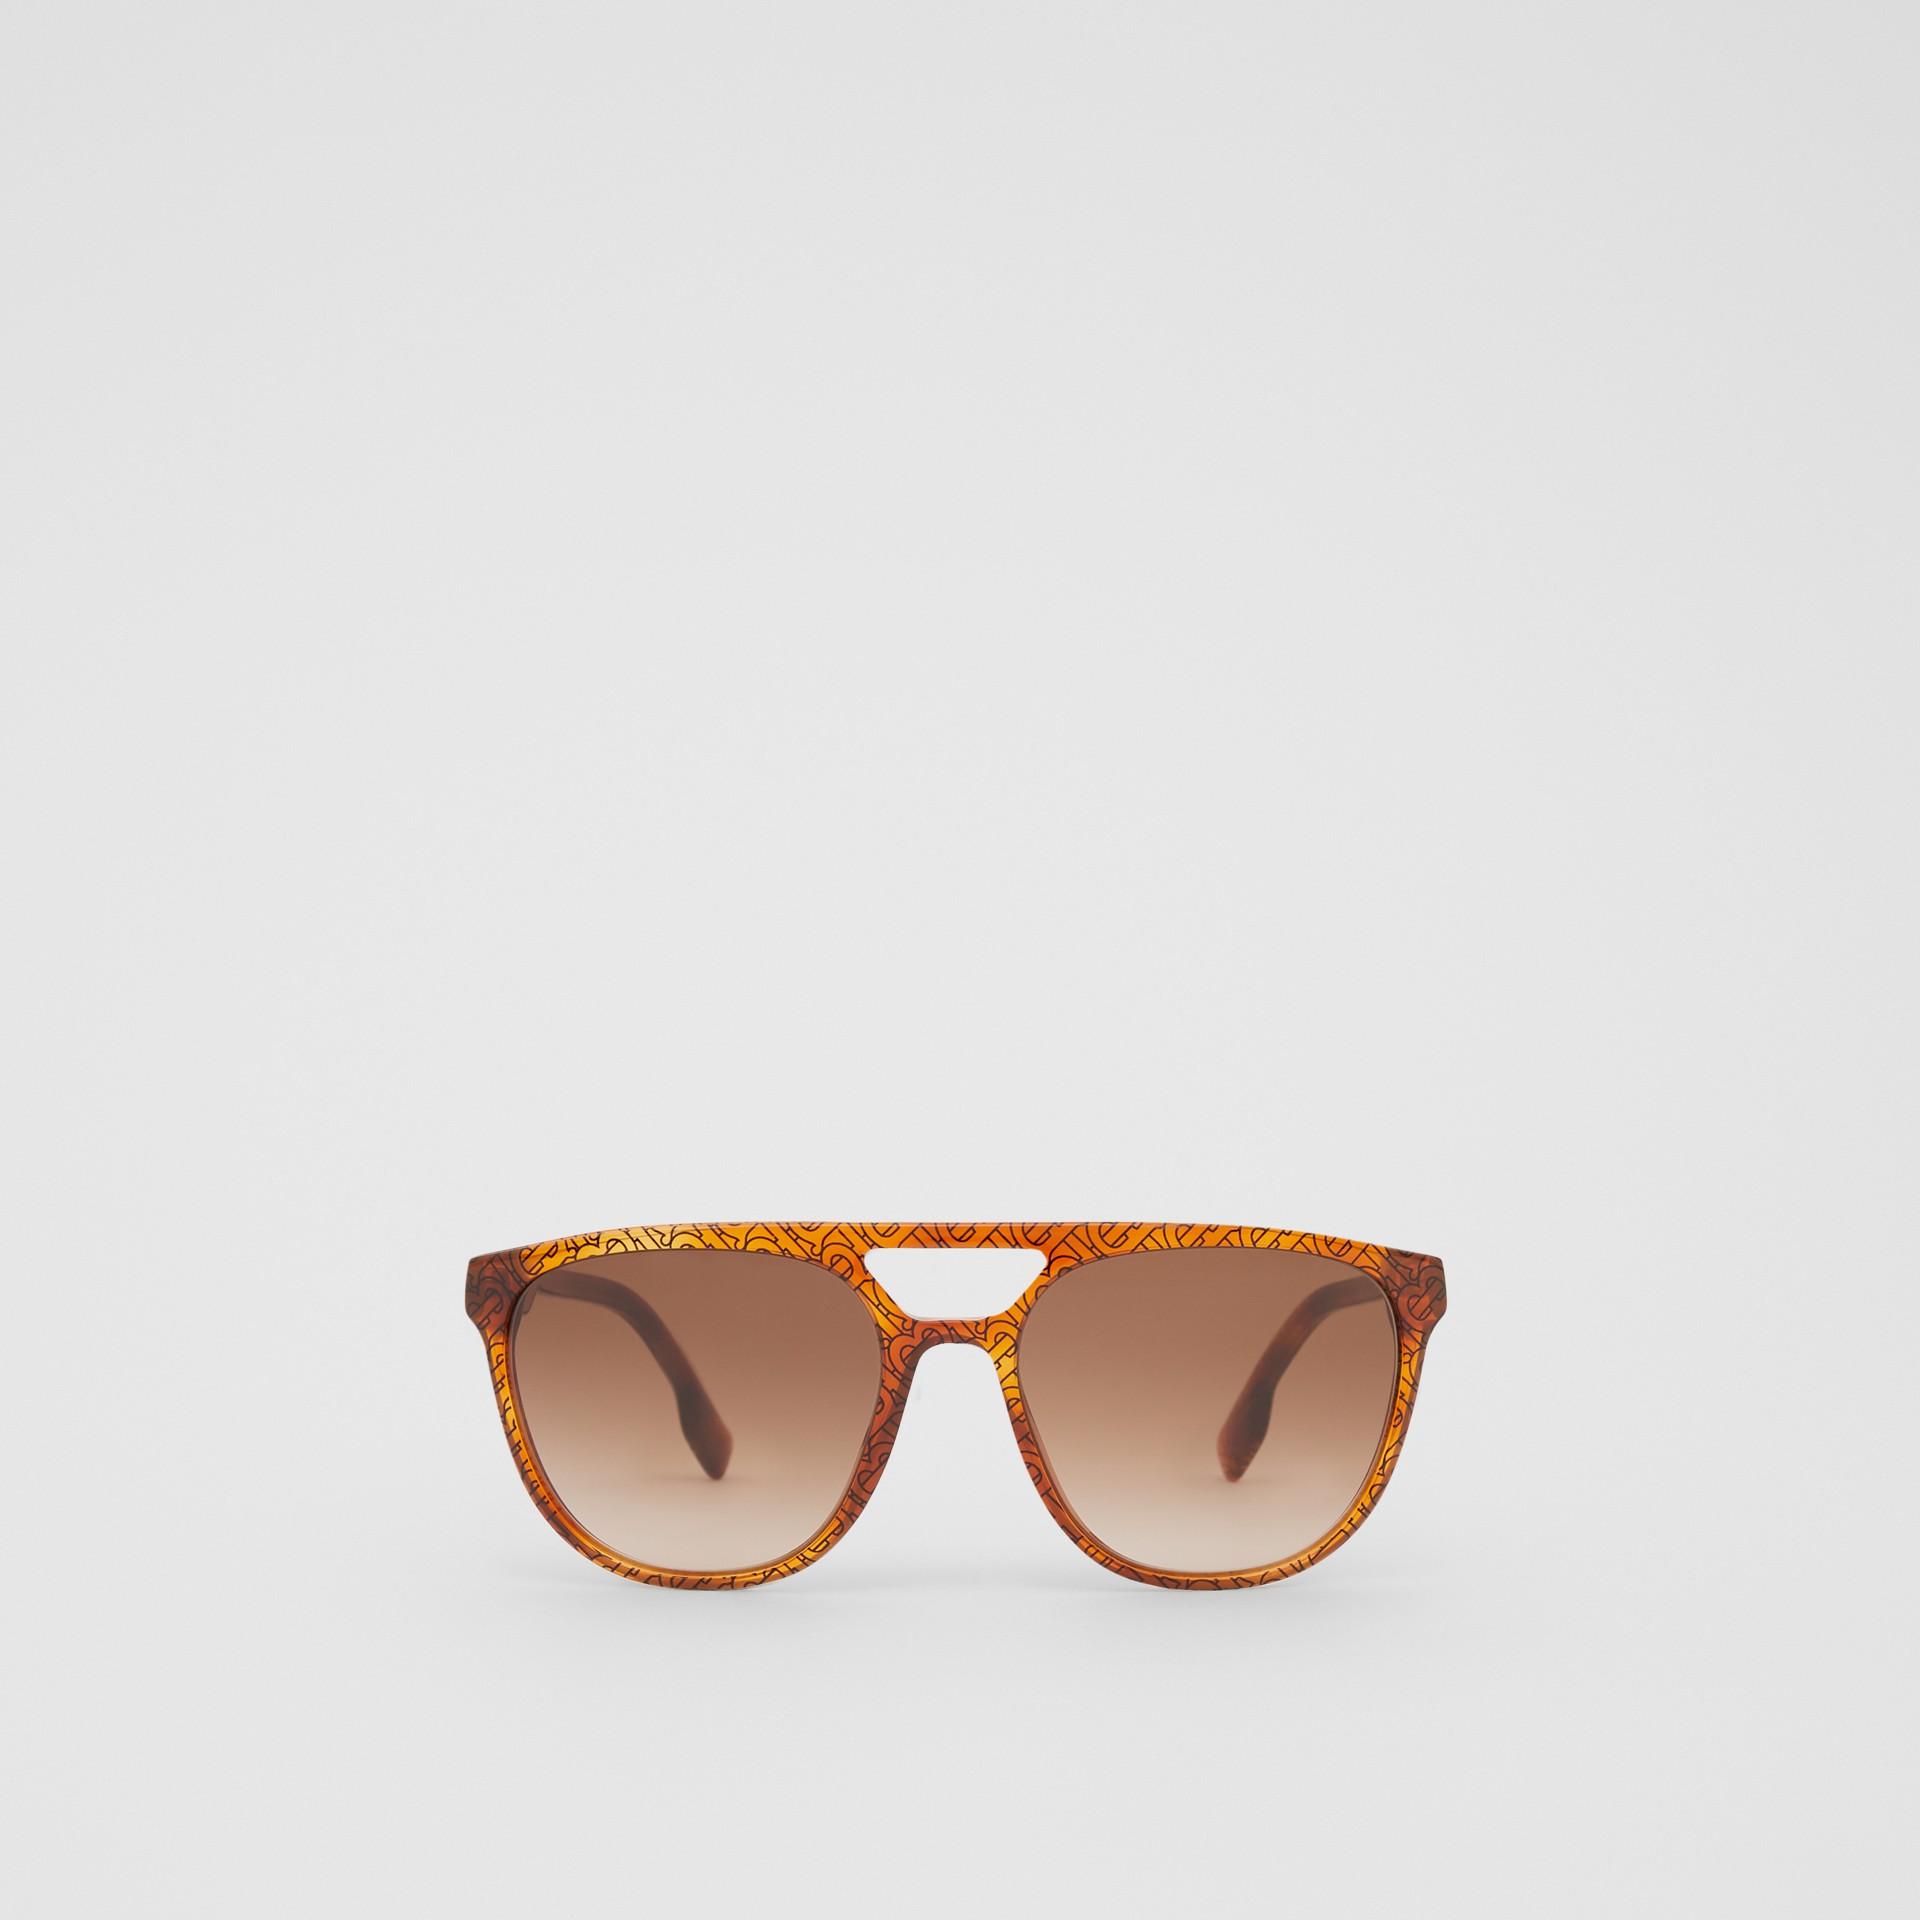 Navigator Sunglasses in Tortoiseshell Amber | Burberry - gallery image 0